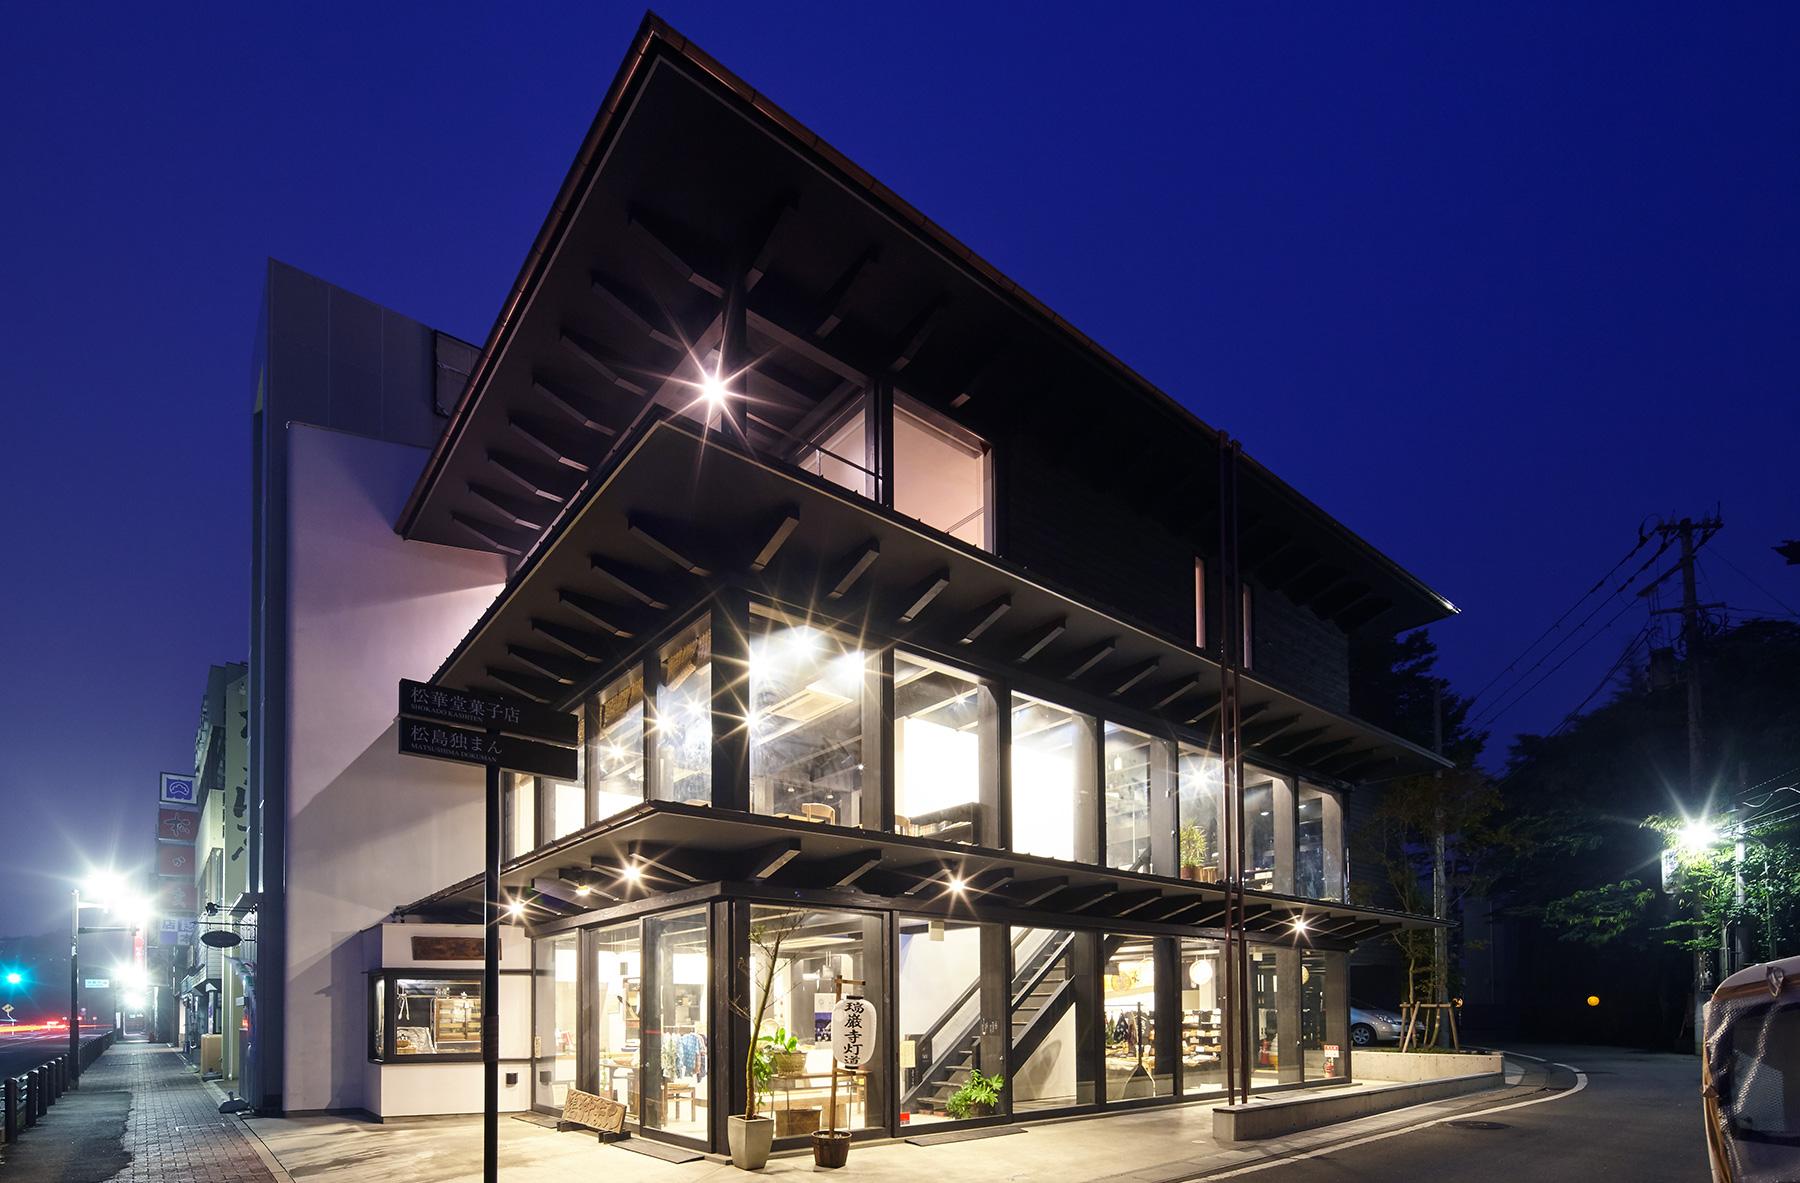 店舗、事務所、倉庫を木造で建てるメリット2:建設コストが安い